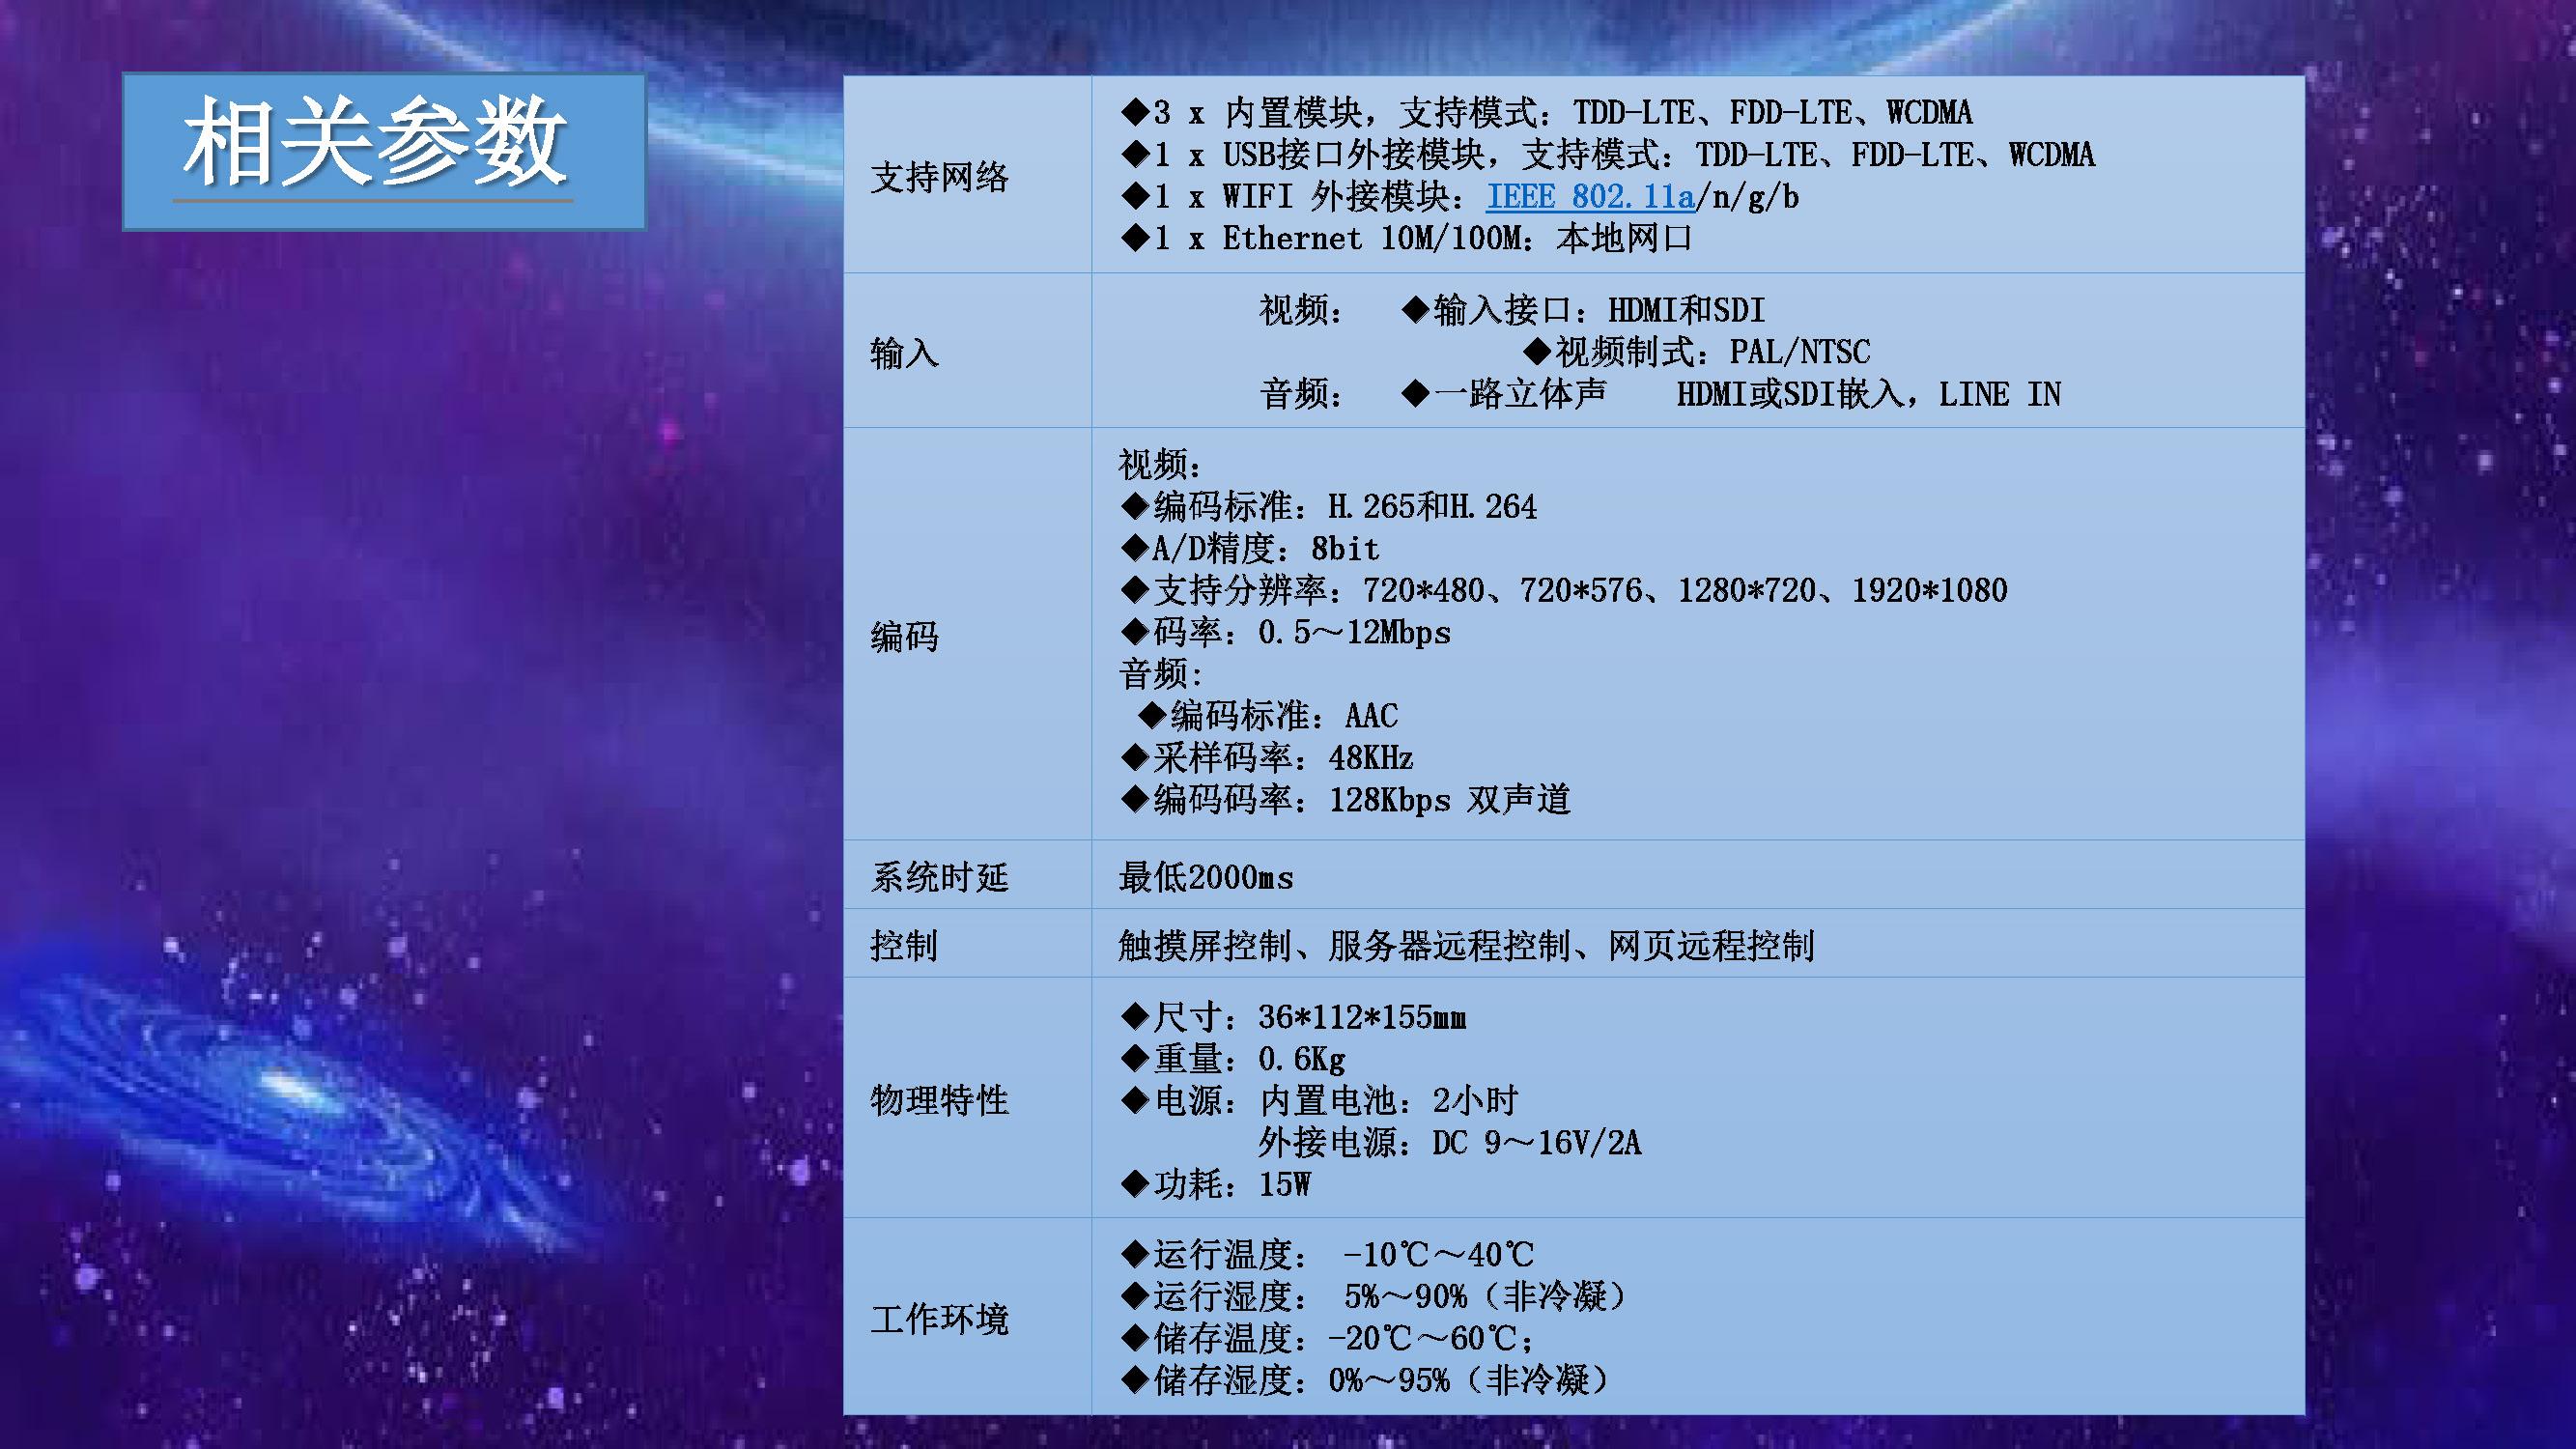 高视T802019-0411-修改版02_页面_21